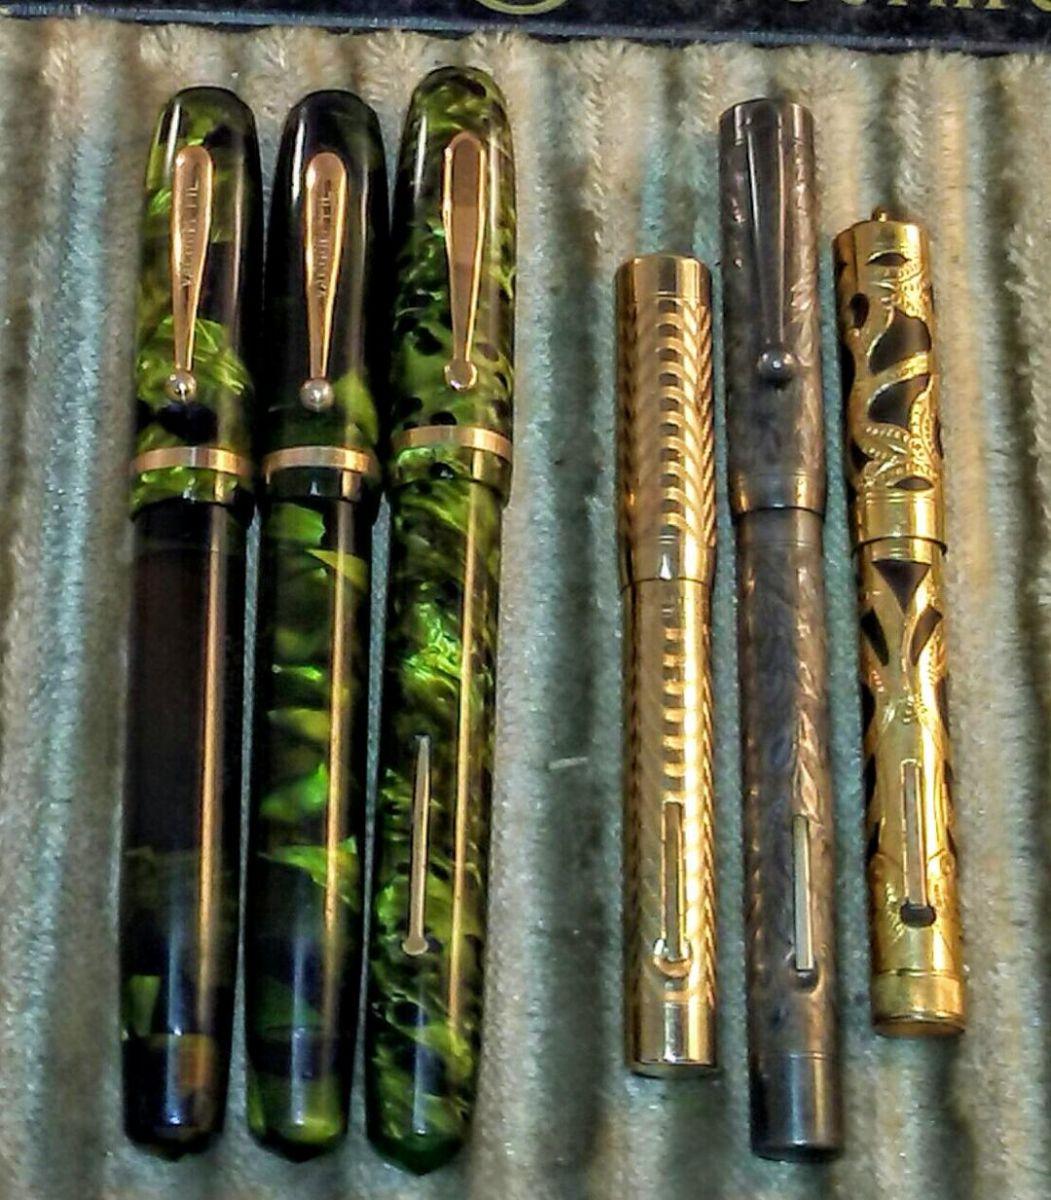 sheaffer pens1